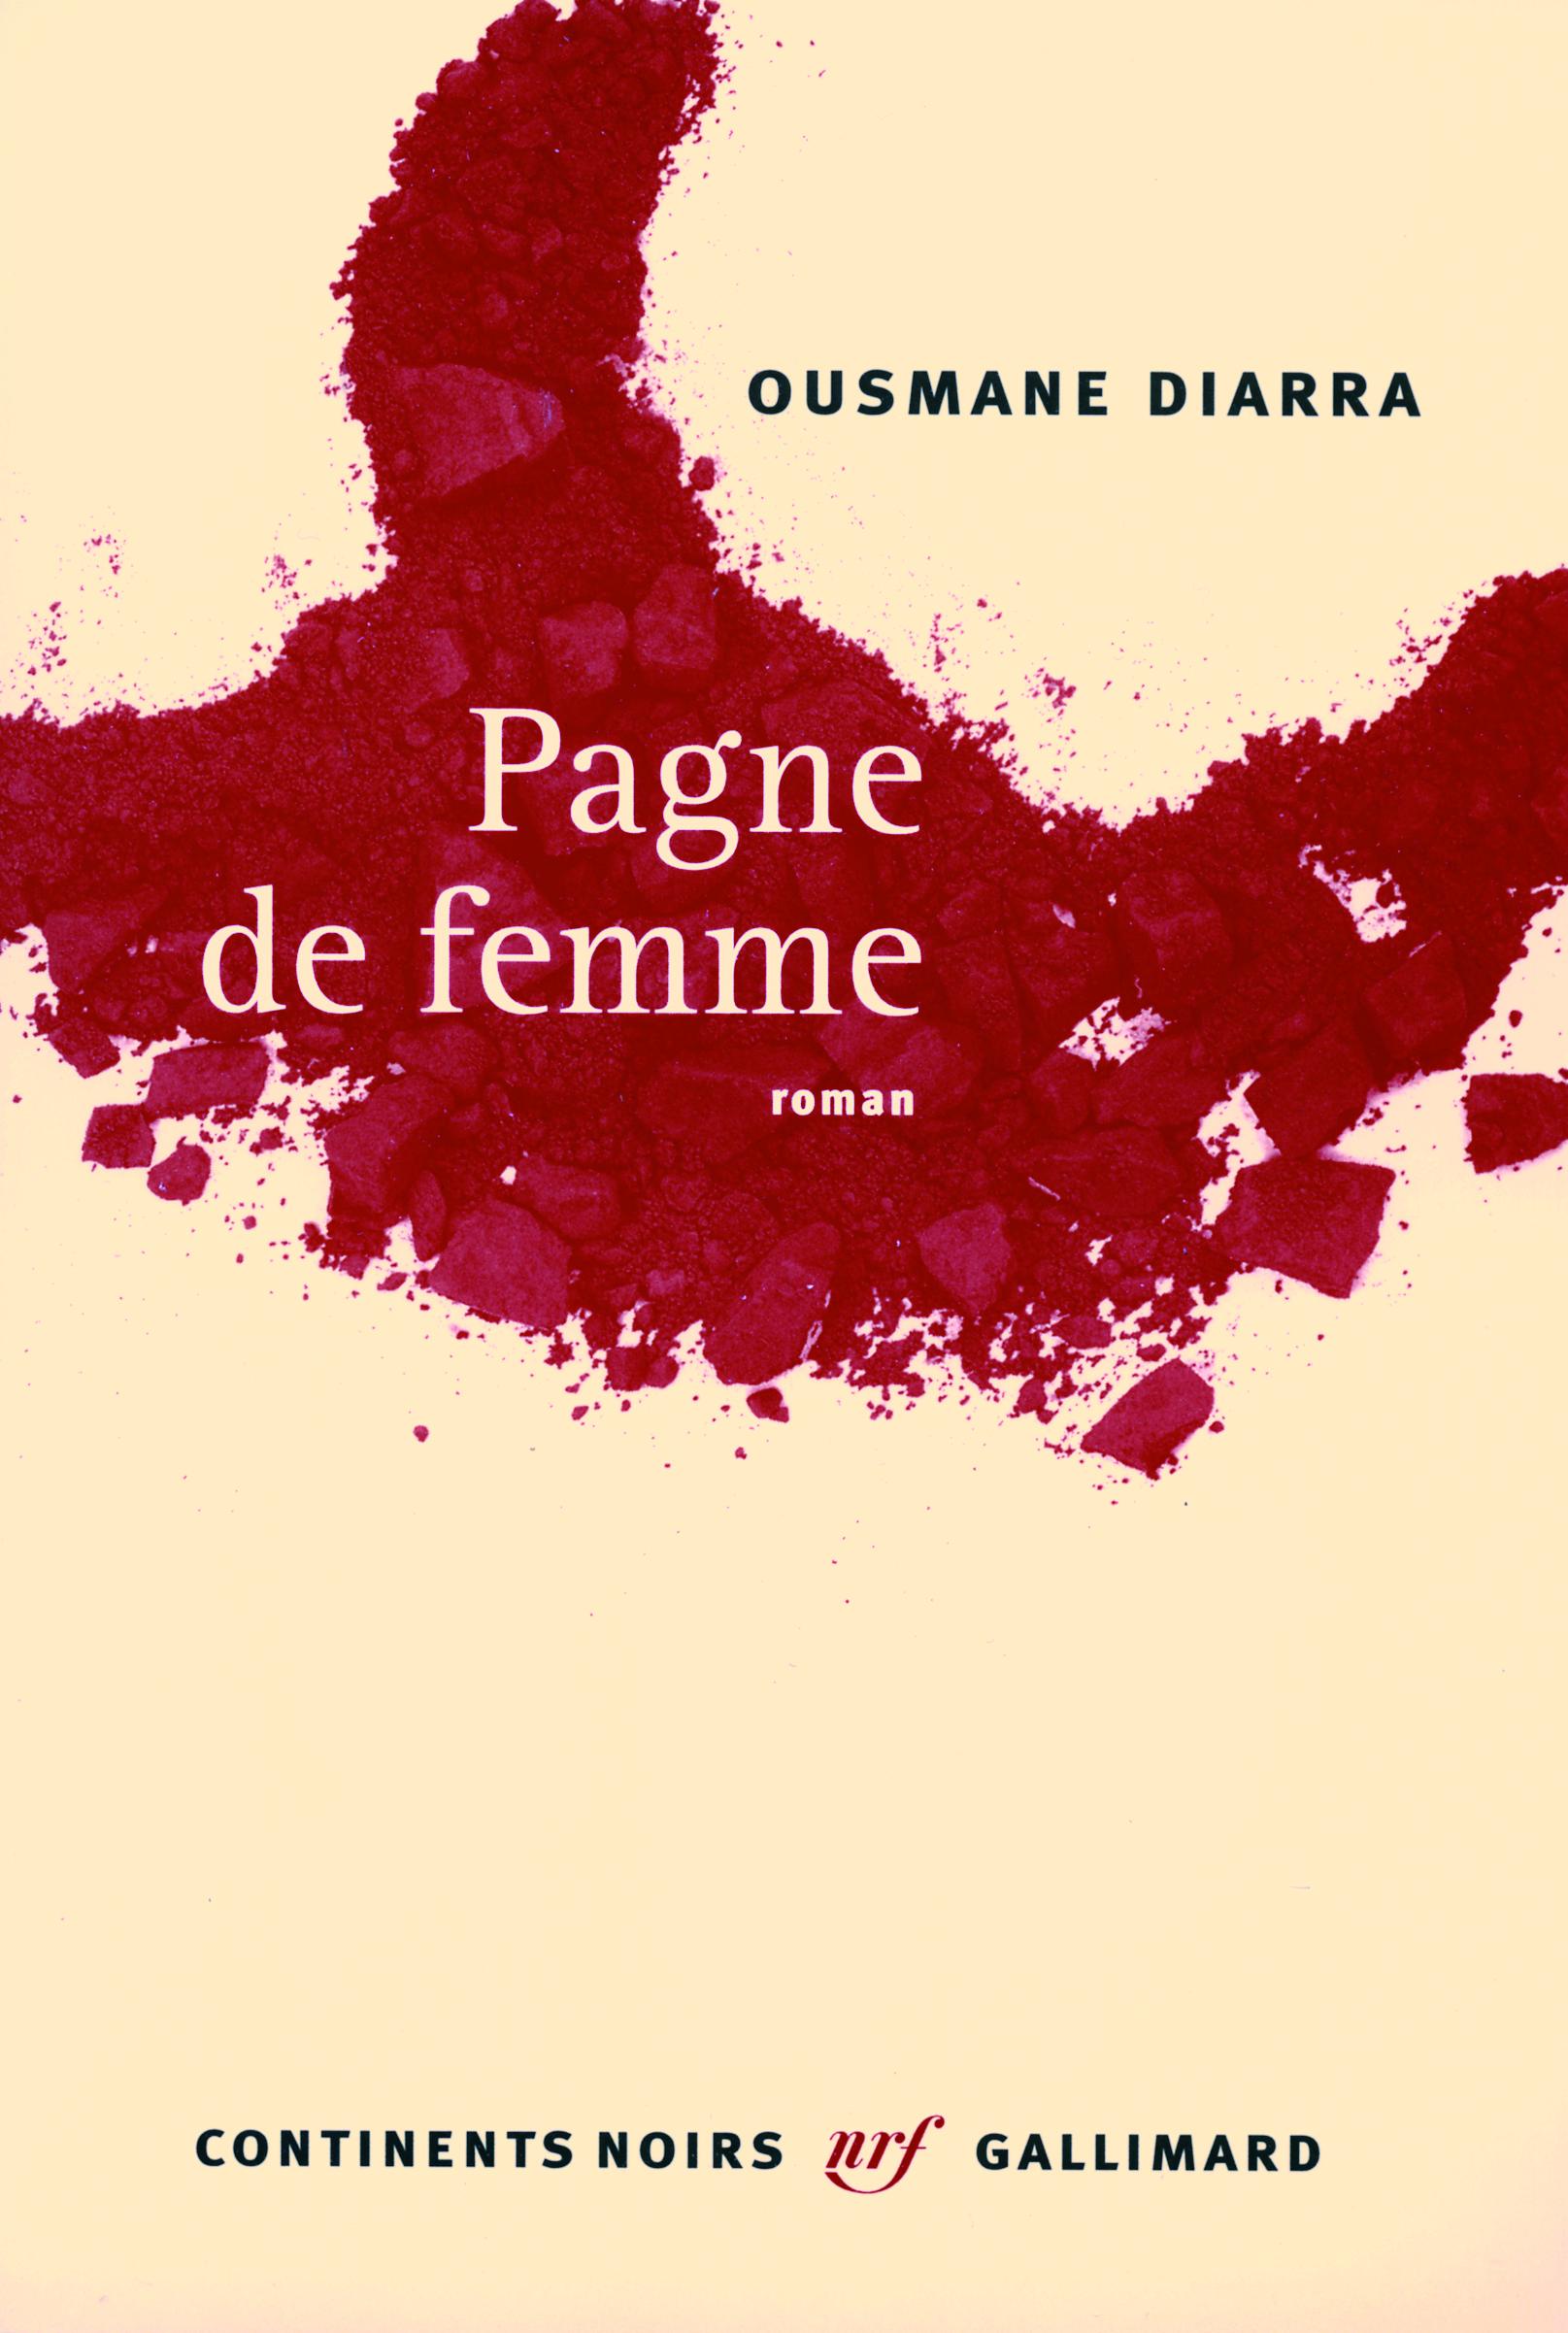 PAGNE DE FEMME ROMAN